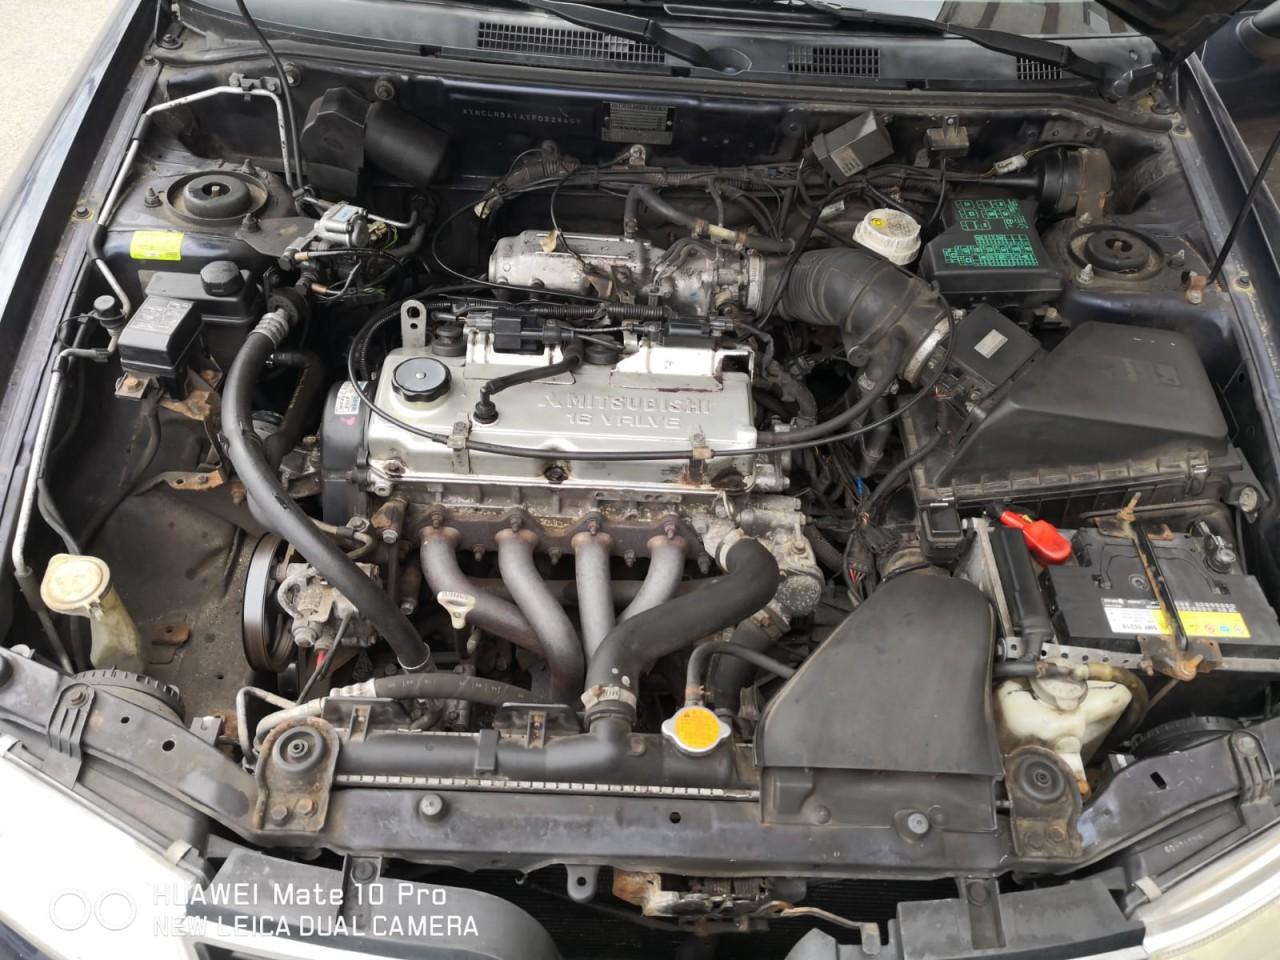 Mitsubishi Carisma 1.6 2001